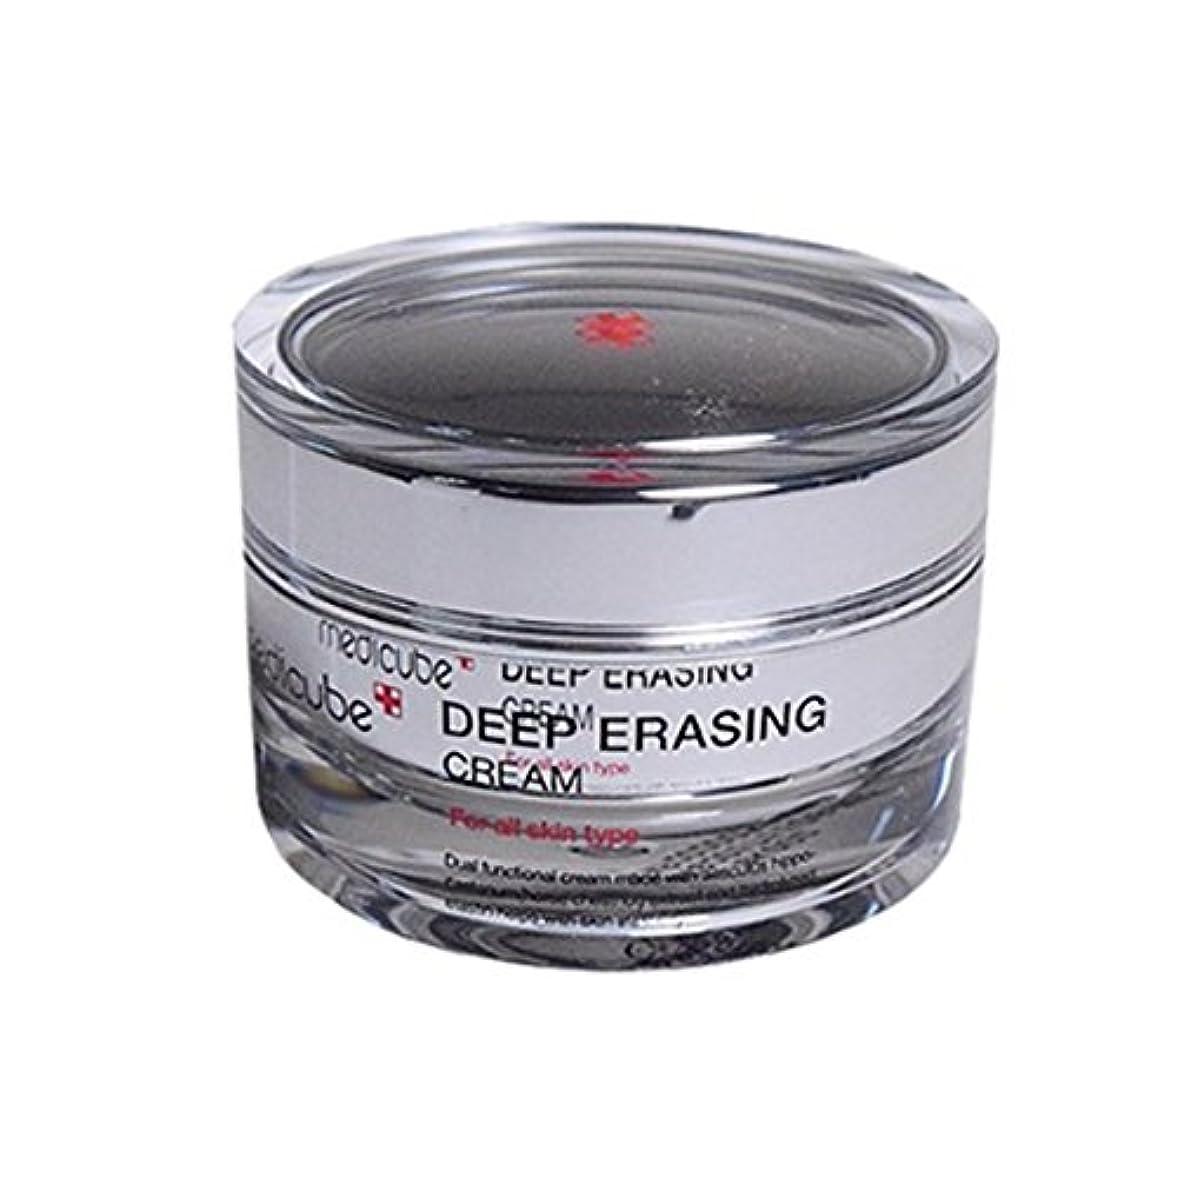 簡略化するオークランドスキップメディキューブ?ディップイレイジンクリーム50ml、Medicube Deep Erasing Cream 50ml [並行輸入品]